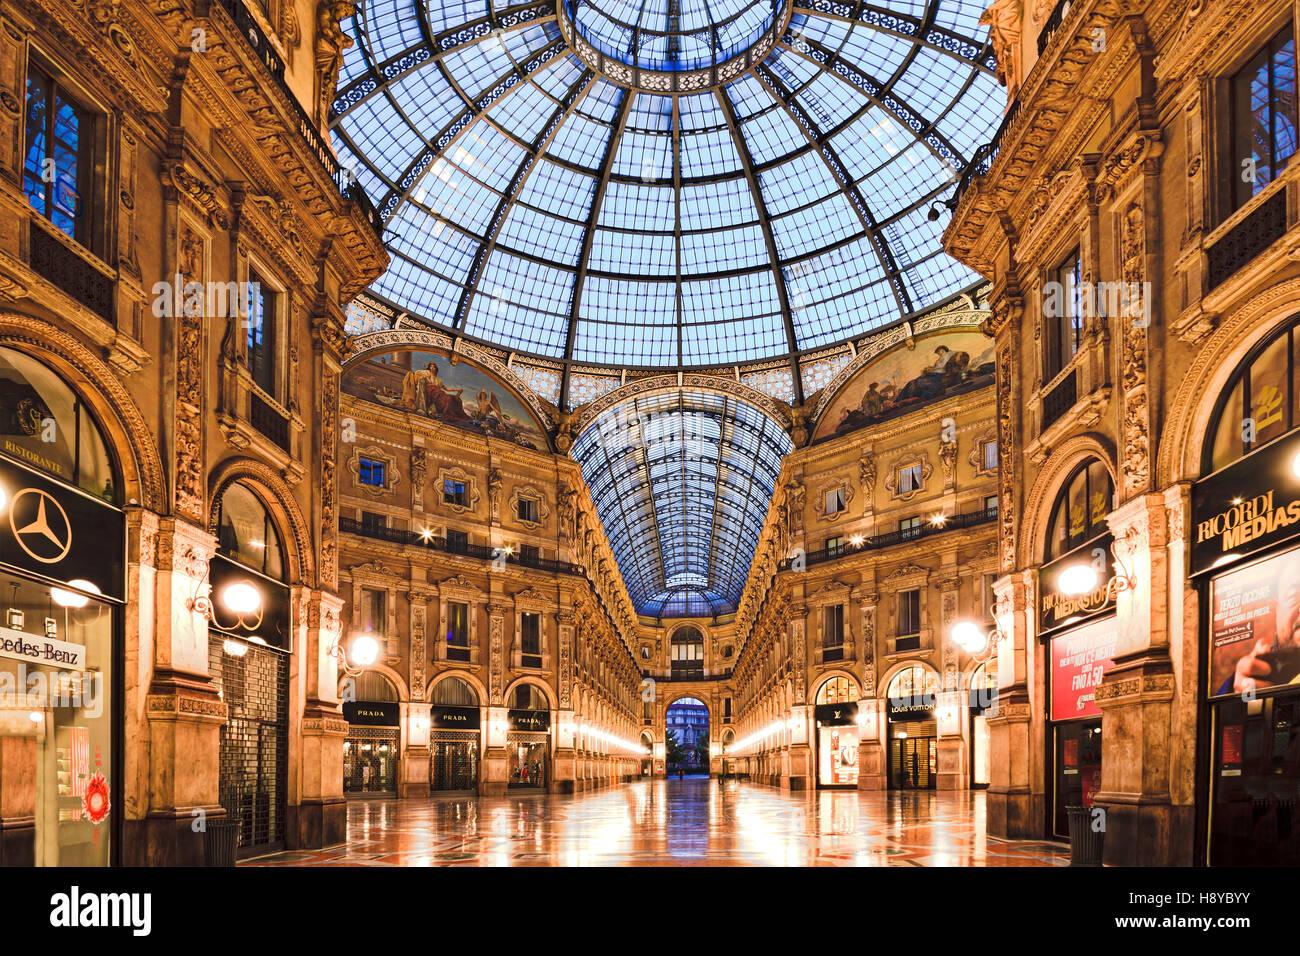 Milano, Italia - 18 Luglio 2013: Centro Commerciale Galleria Vittorio Emanuele II a sunrise prima di traffico pedonale Immagini Stock